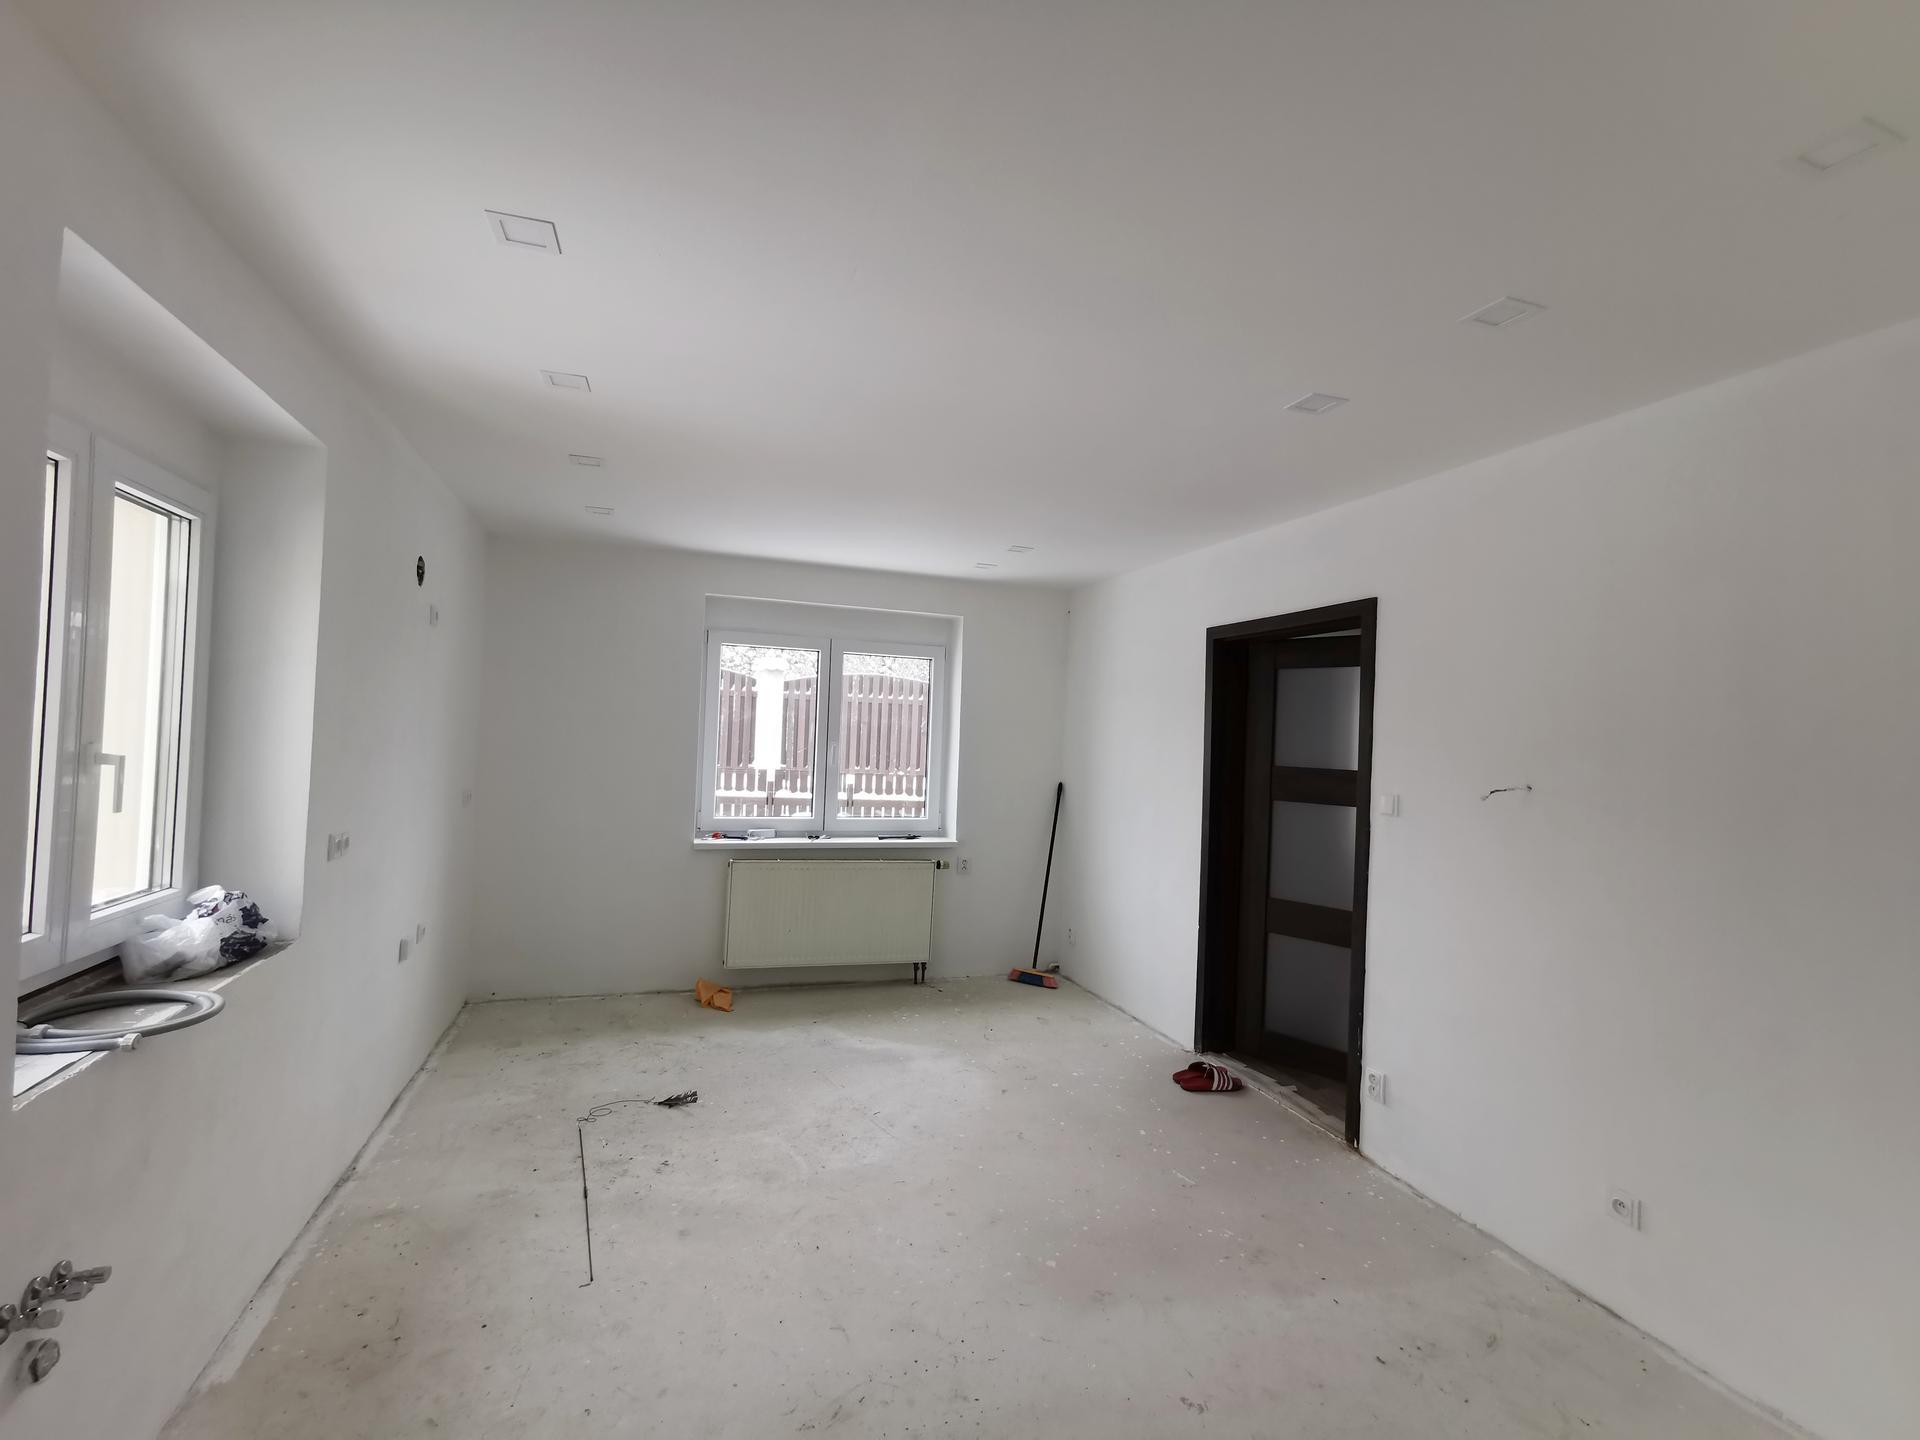 Kuchyně - rekonstrukce - Obrázek č. 22